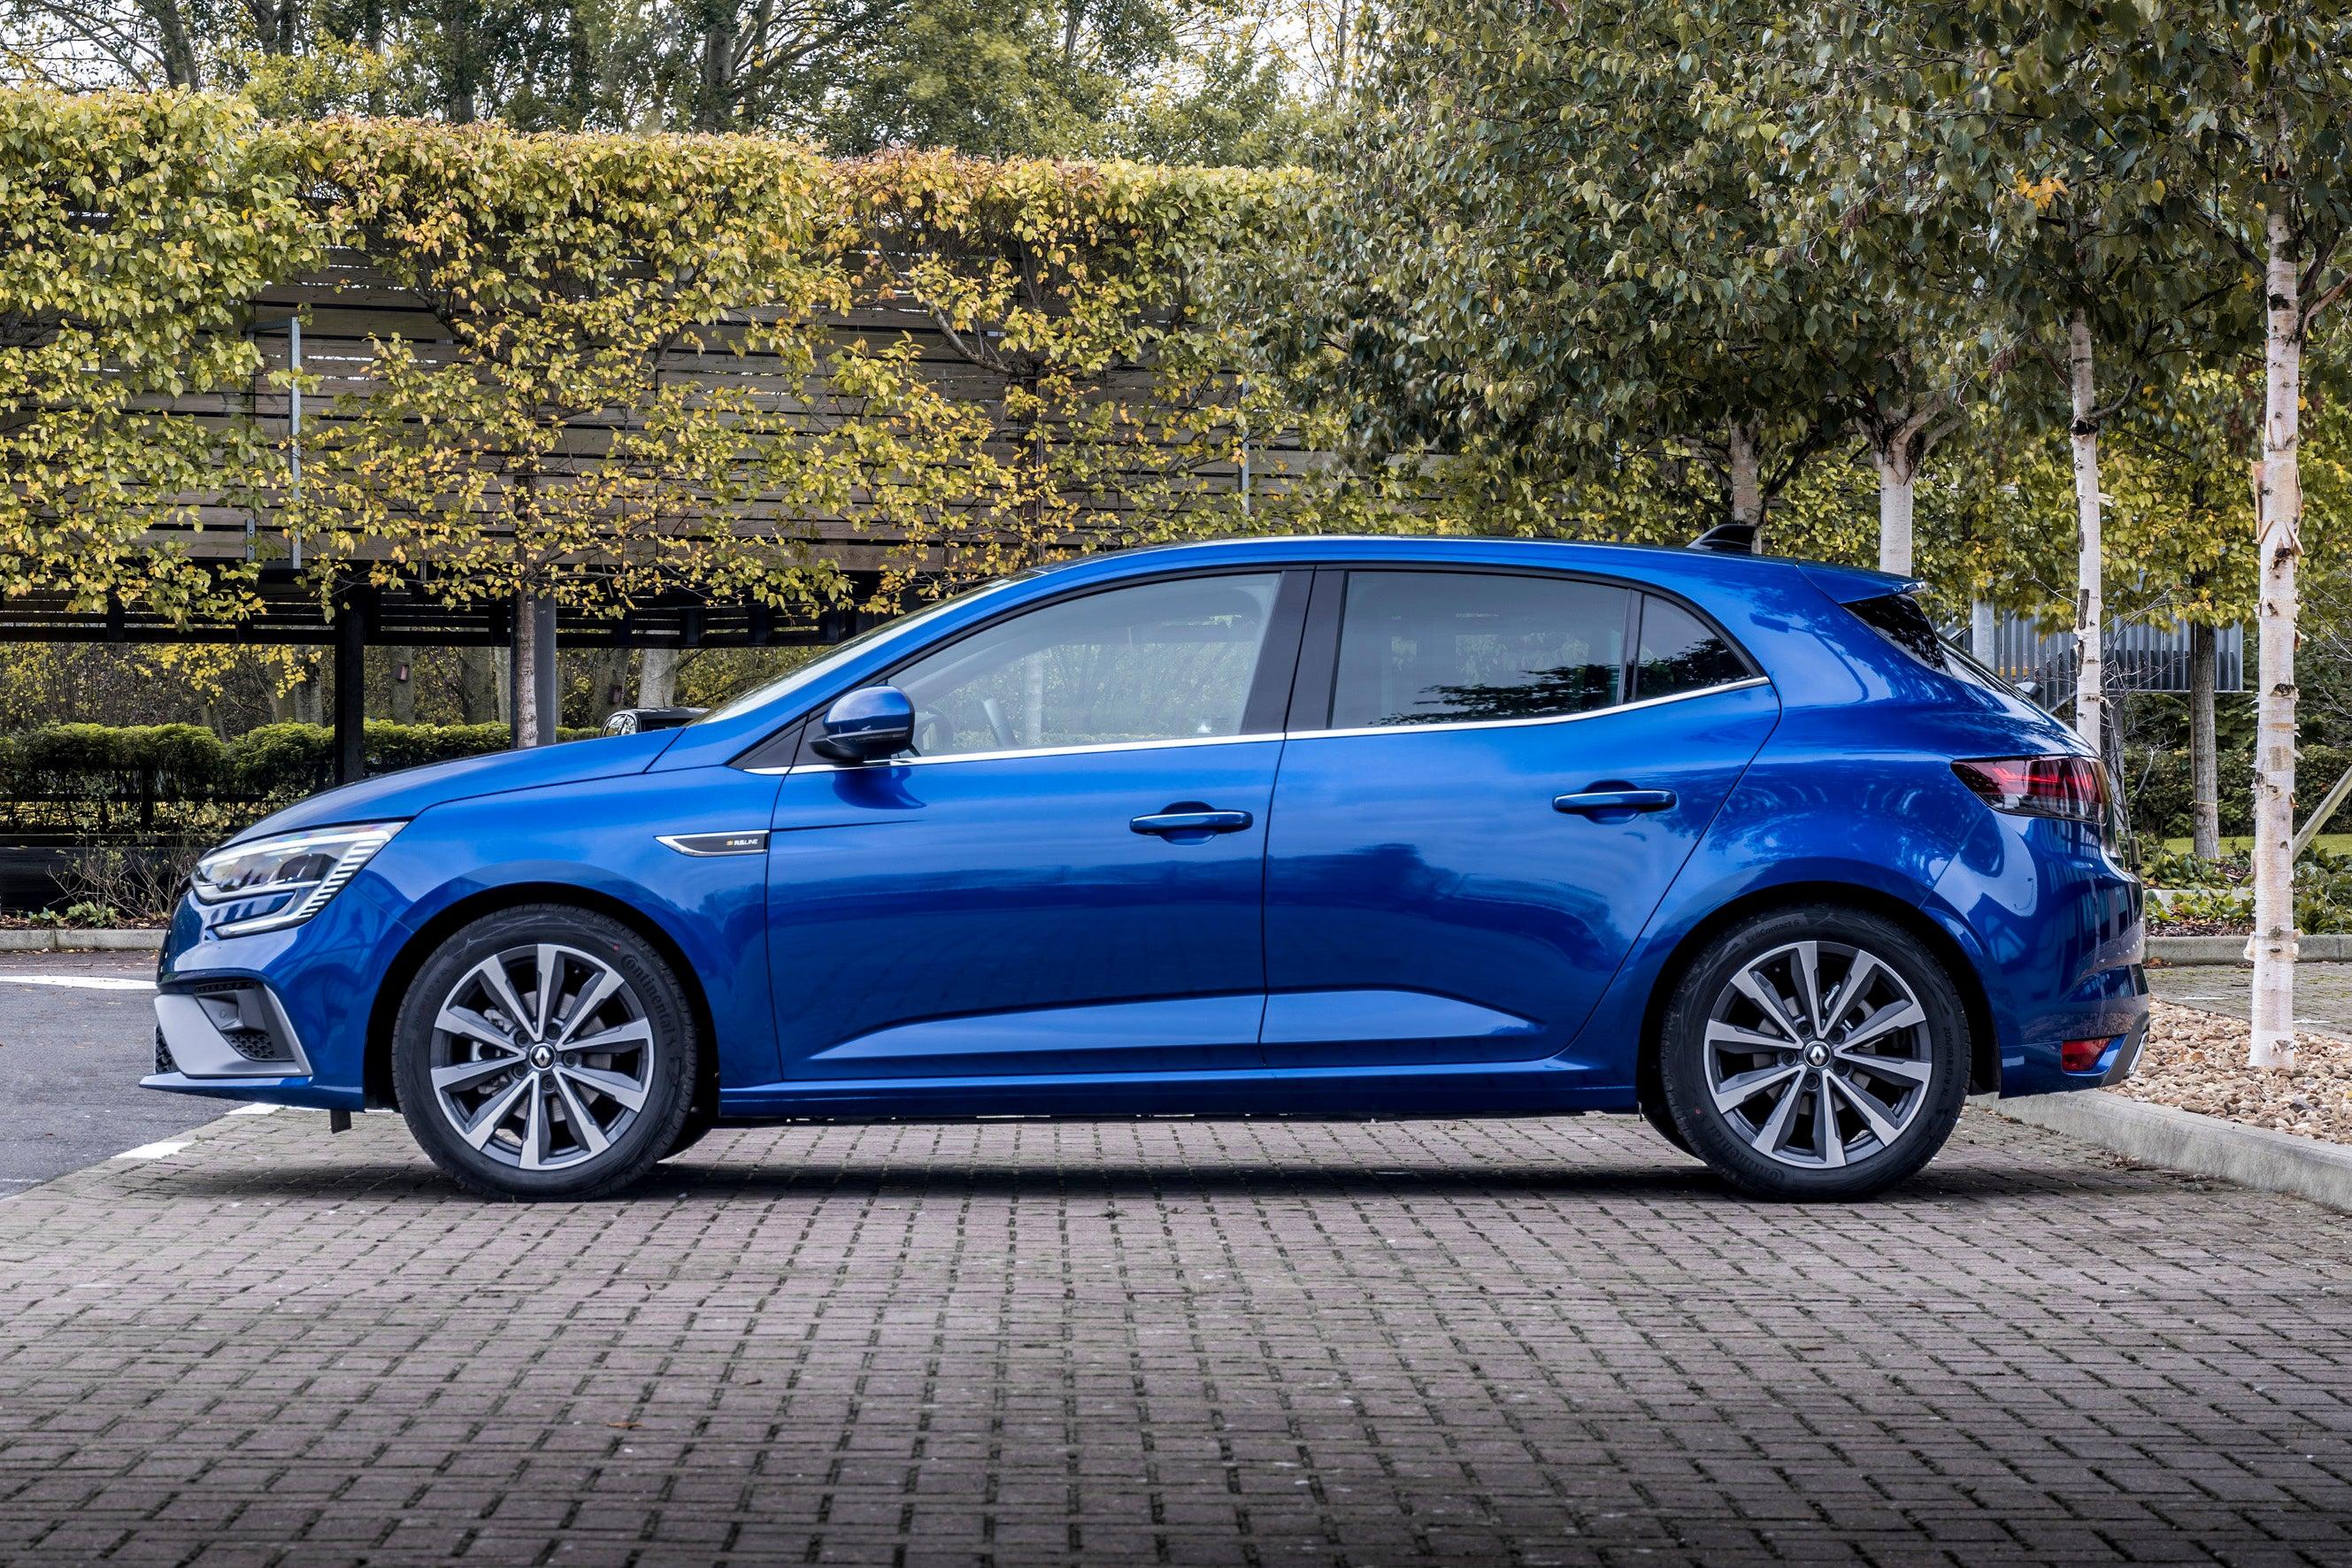 Renault Megane side profile